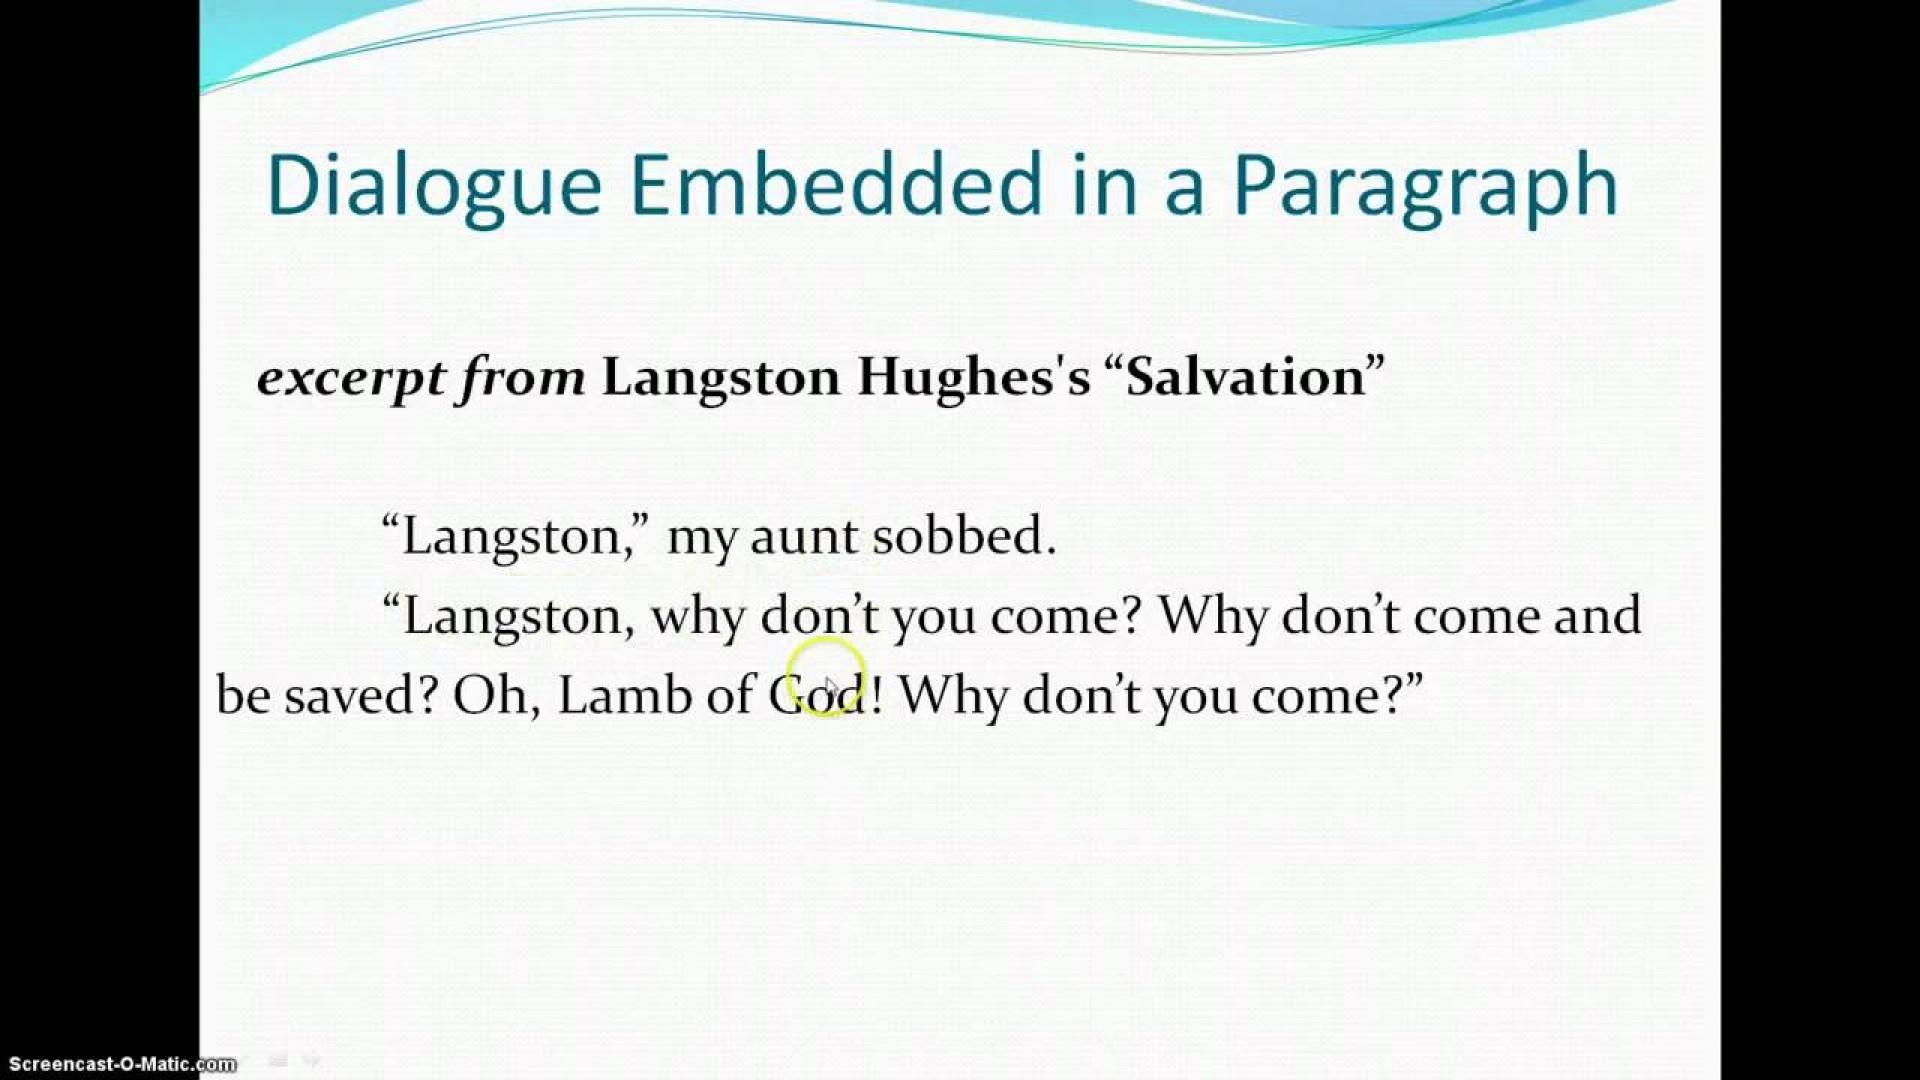 005 Dialogue Essay Maxresdefault Awful Dialog Examples Format Sample 1920